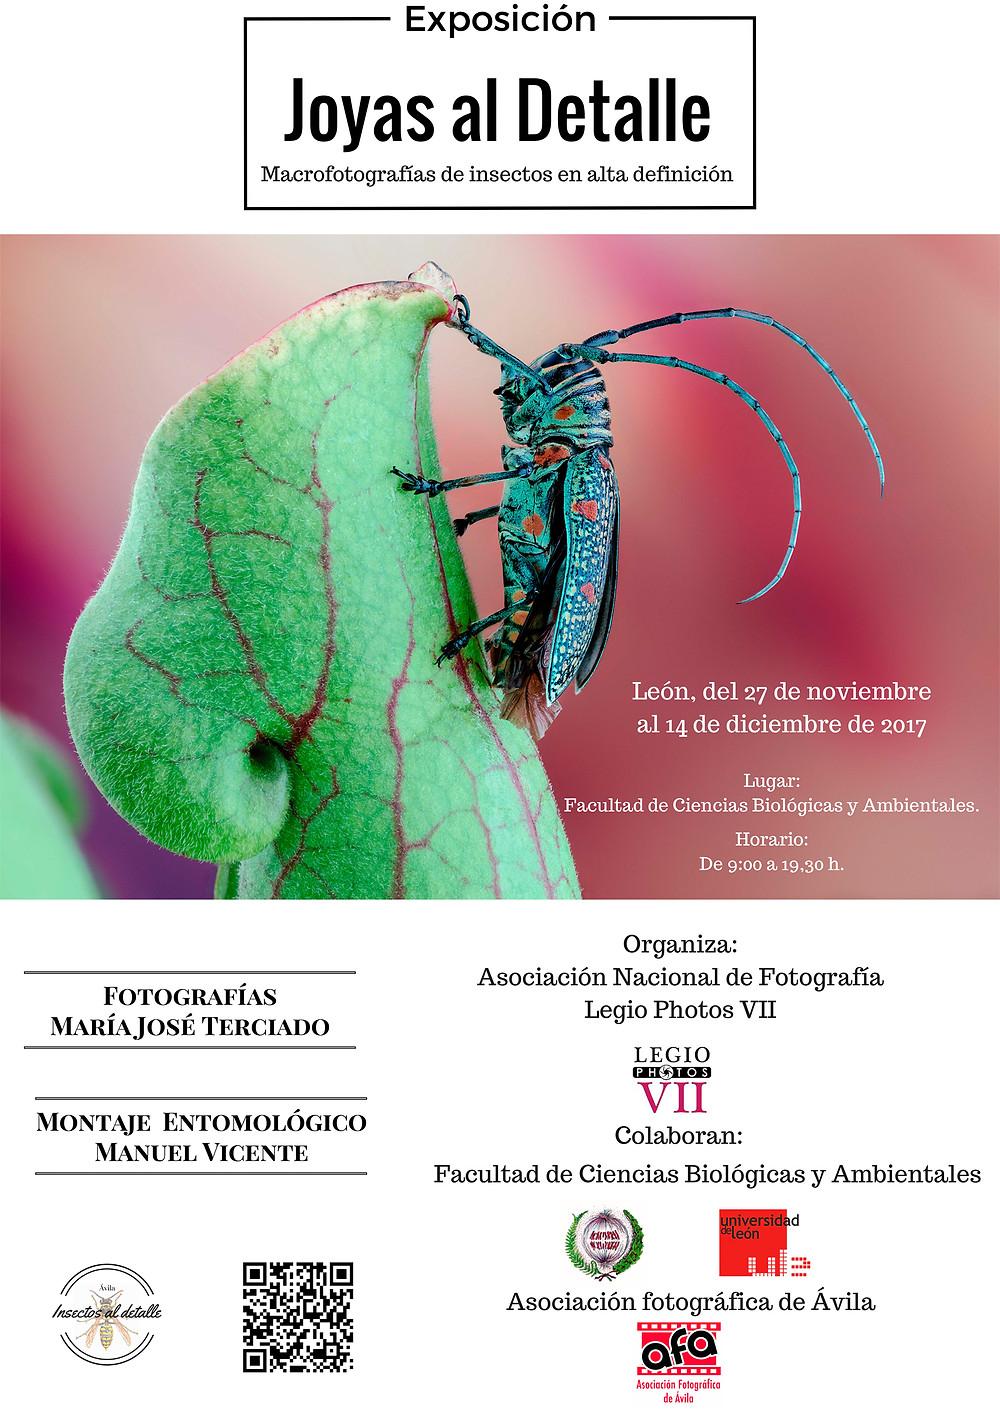 Exposición en León 2017